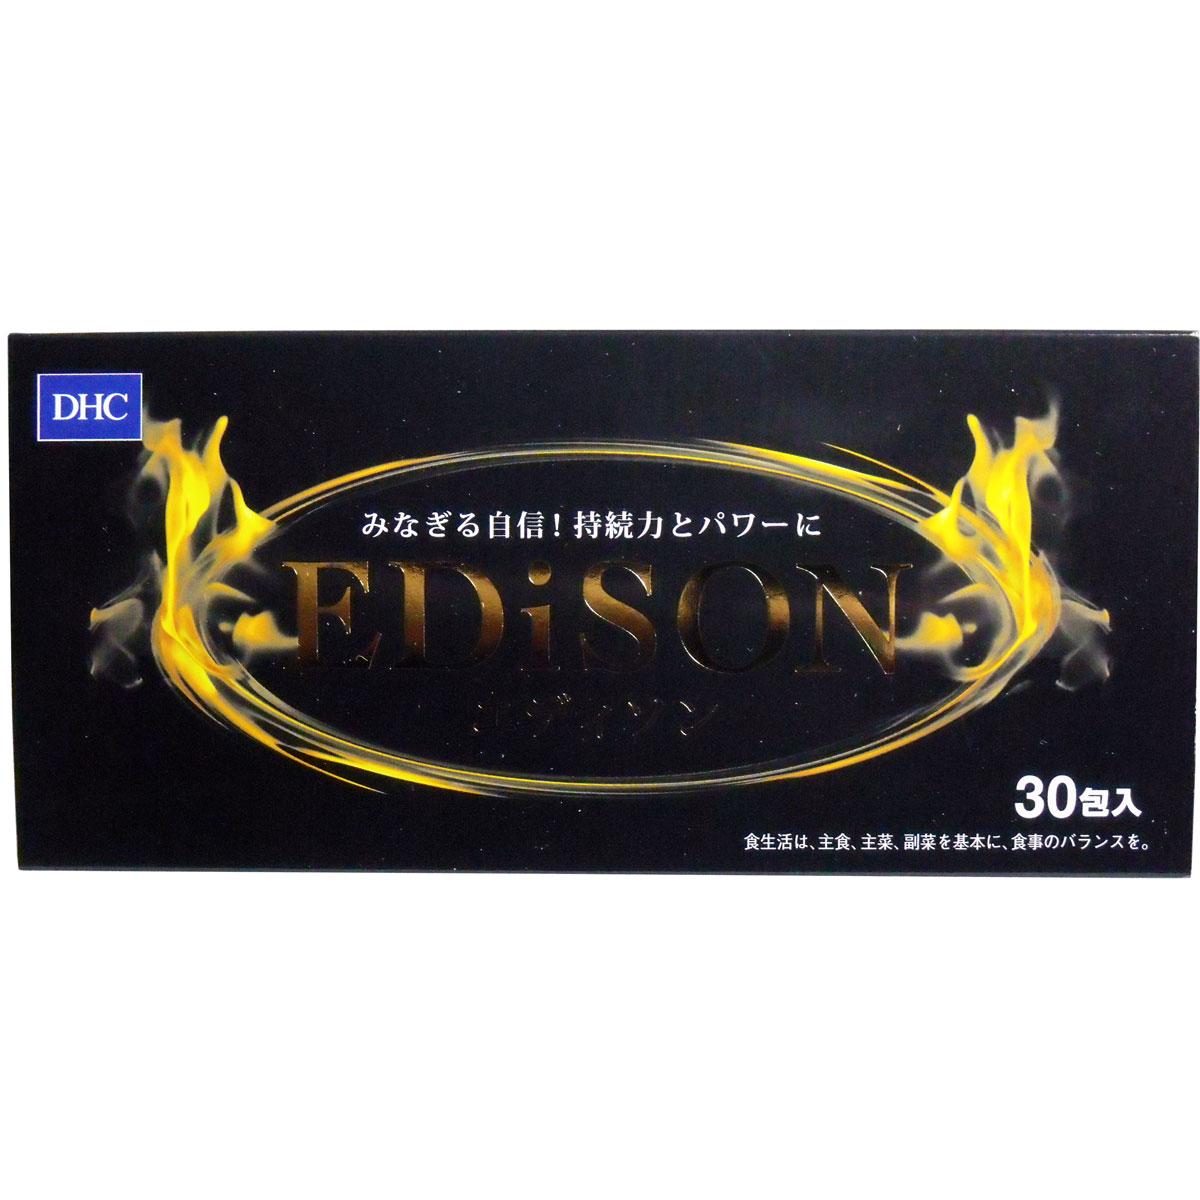 ※DHC EDiSON(エディソン) 30包入